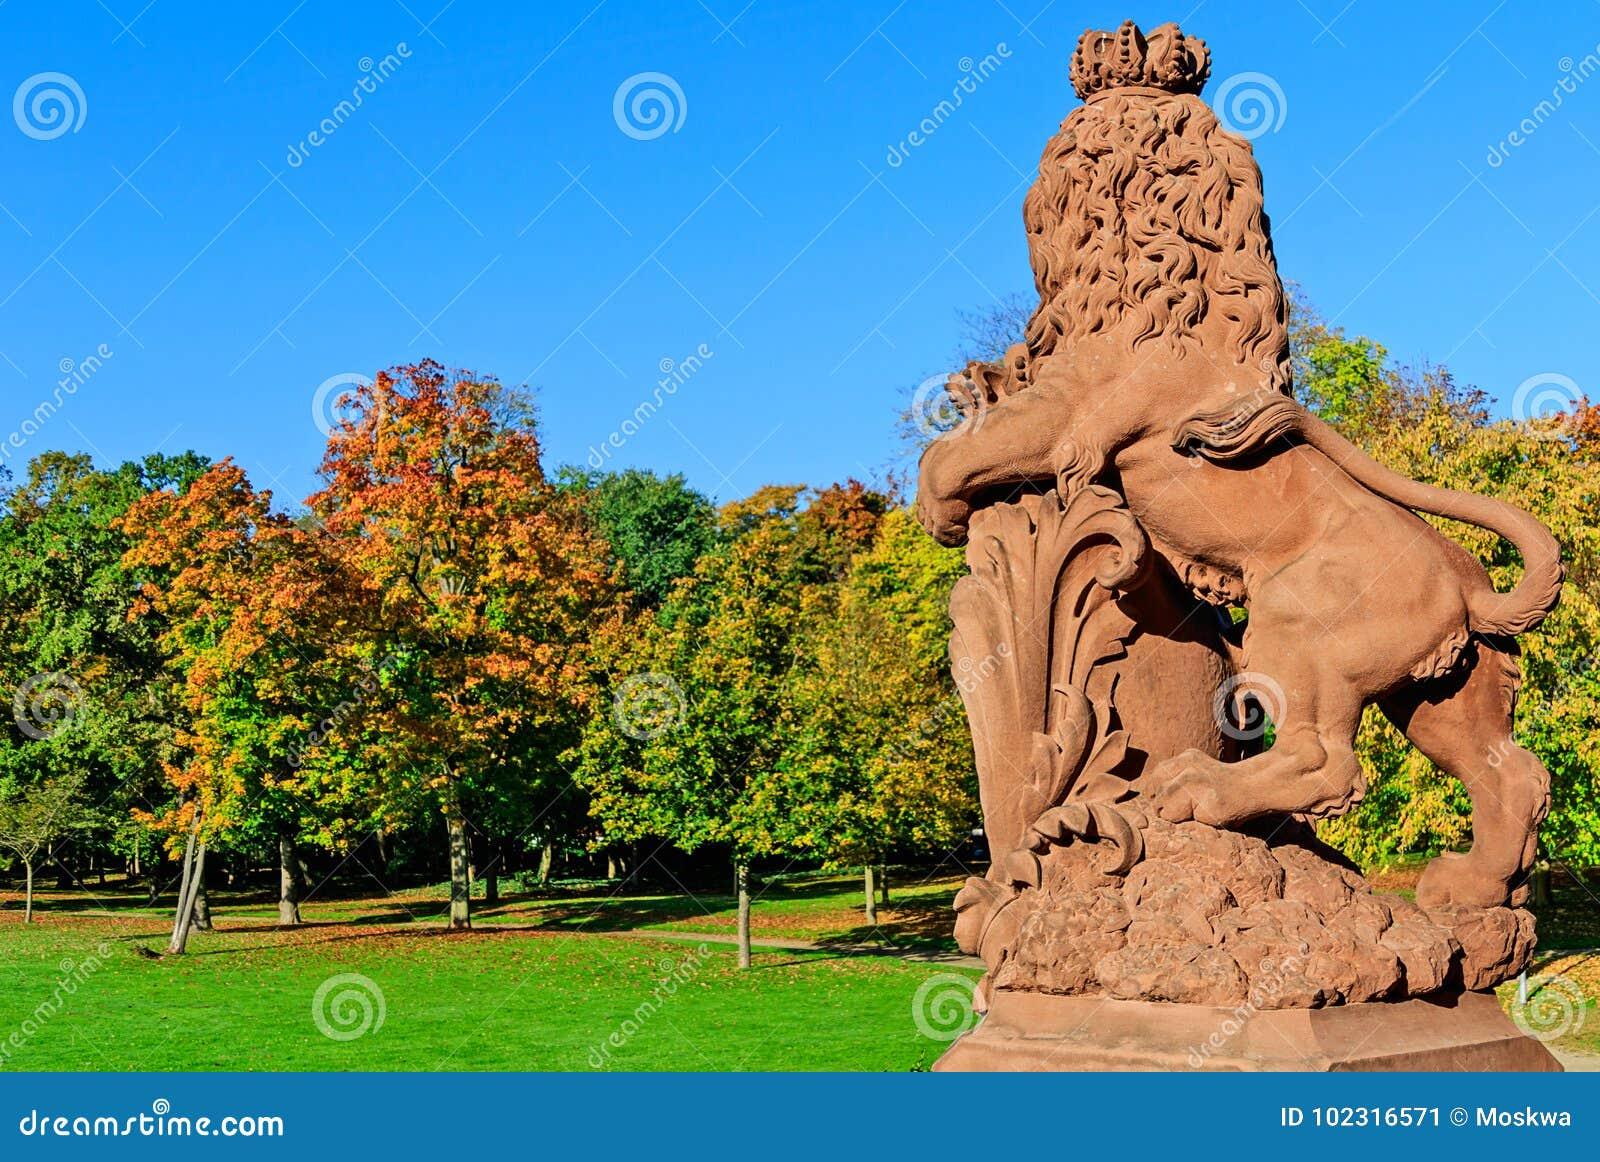 Scultura del leone in parco autunnale del castello di Phillipsruhe in Hanau, Germania